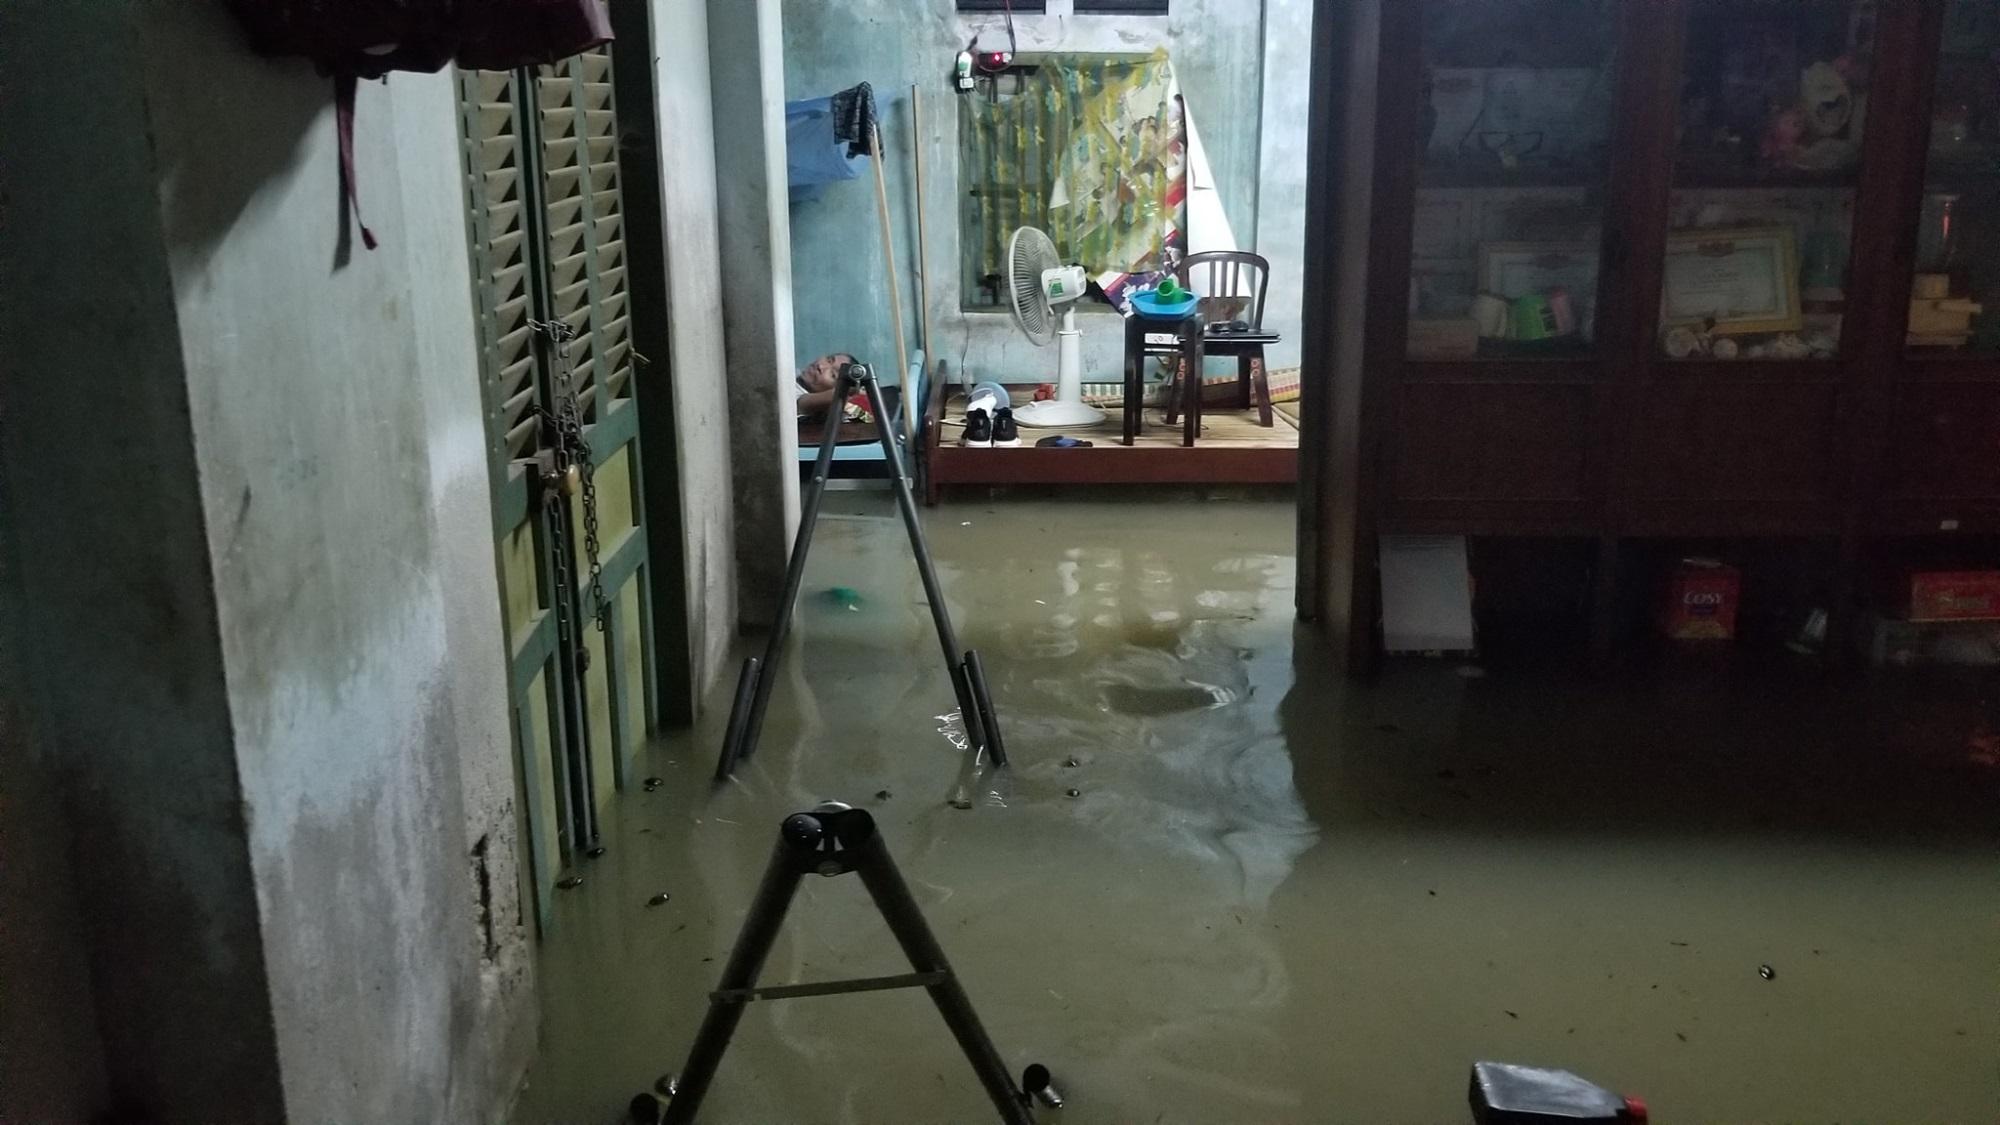 Nha Trang thành biển nước, đèo sạt lở vì bão số 8 - Ảnh 5